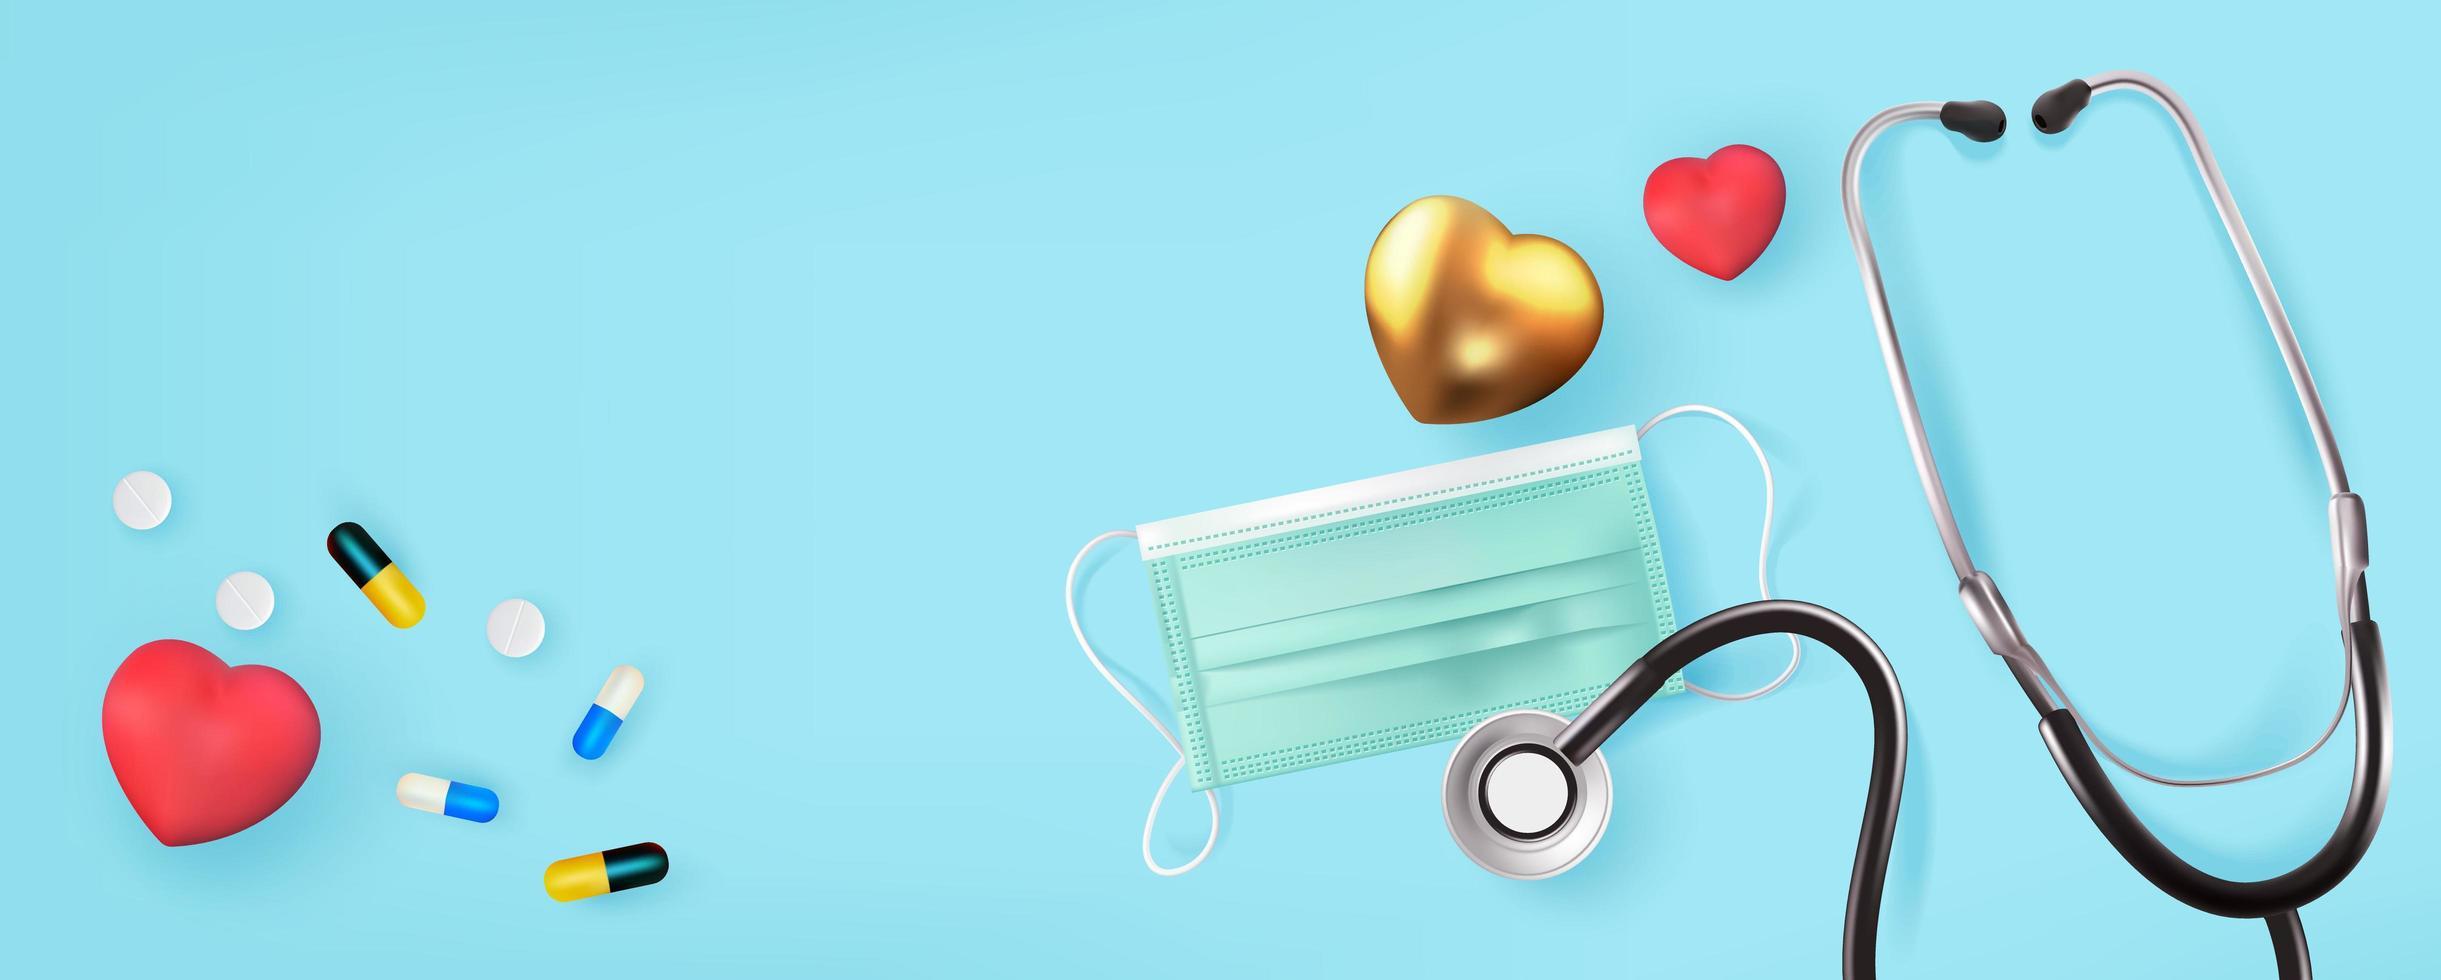 estetoscopio y mascarilla con corazones en azul claro vector